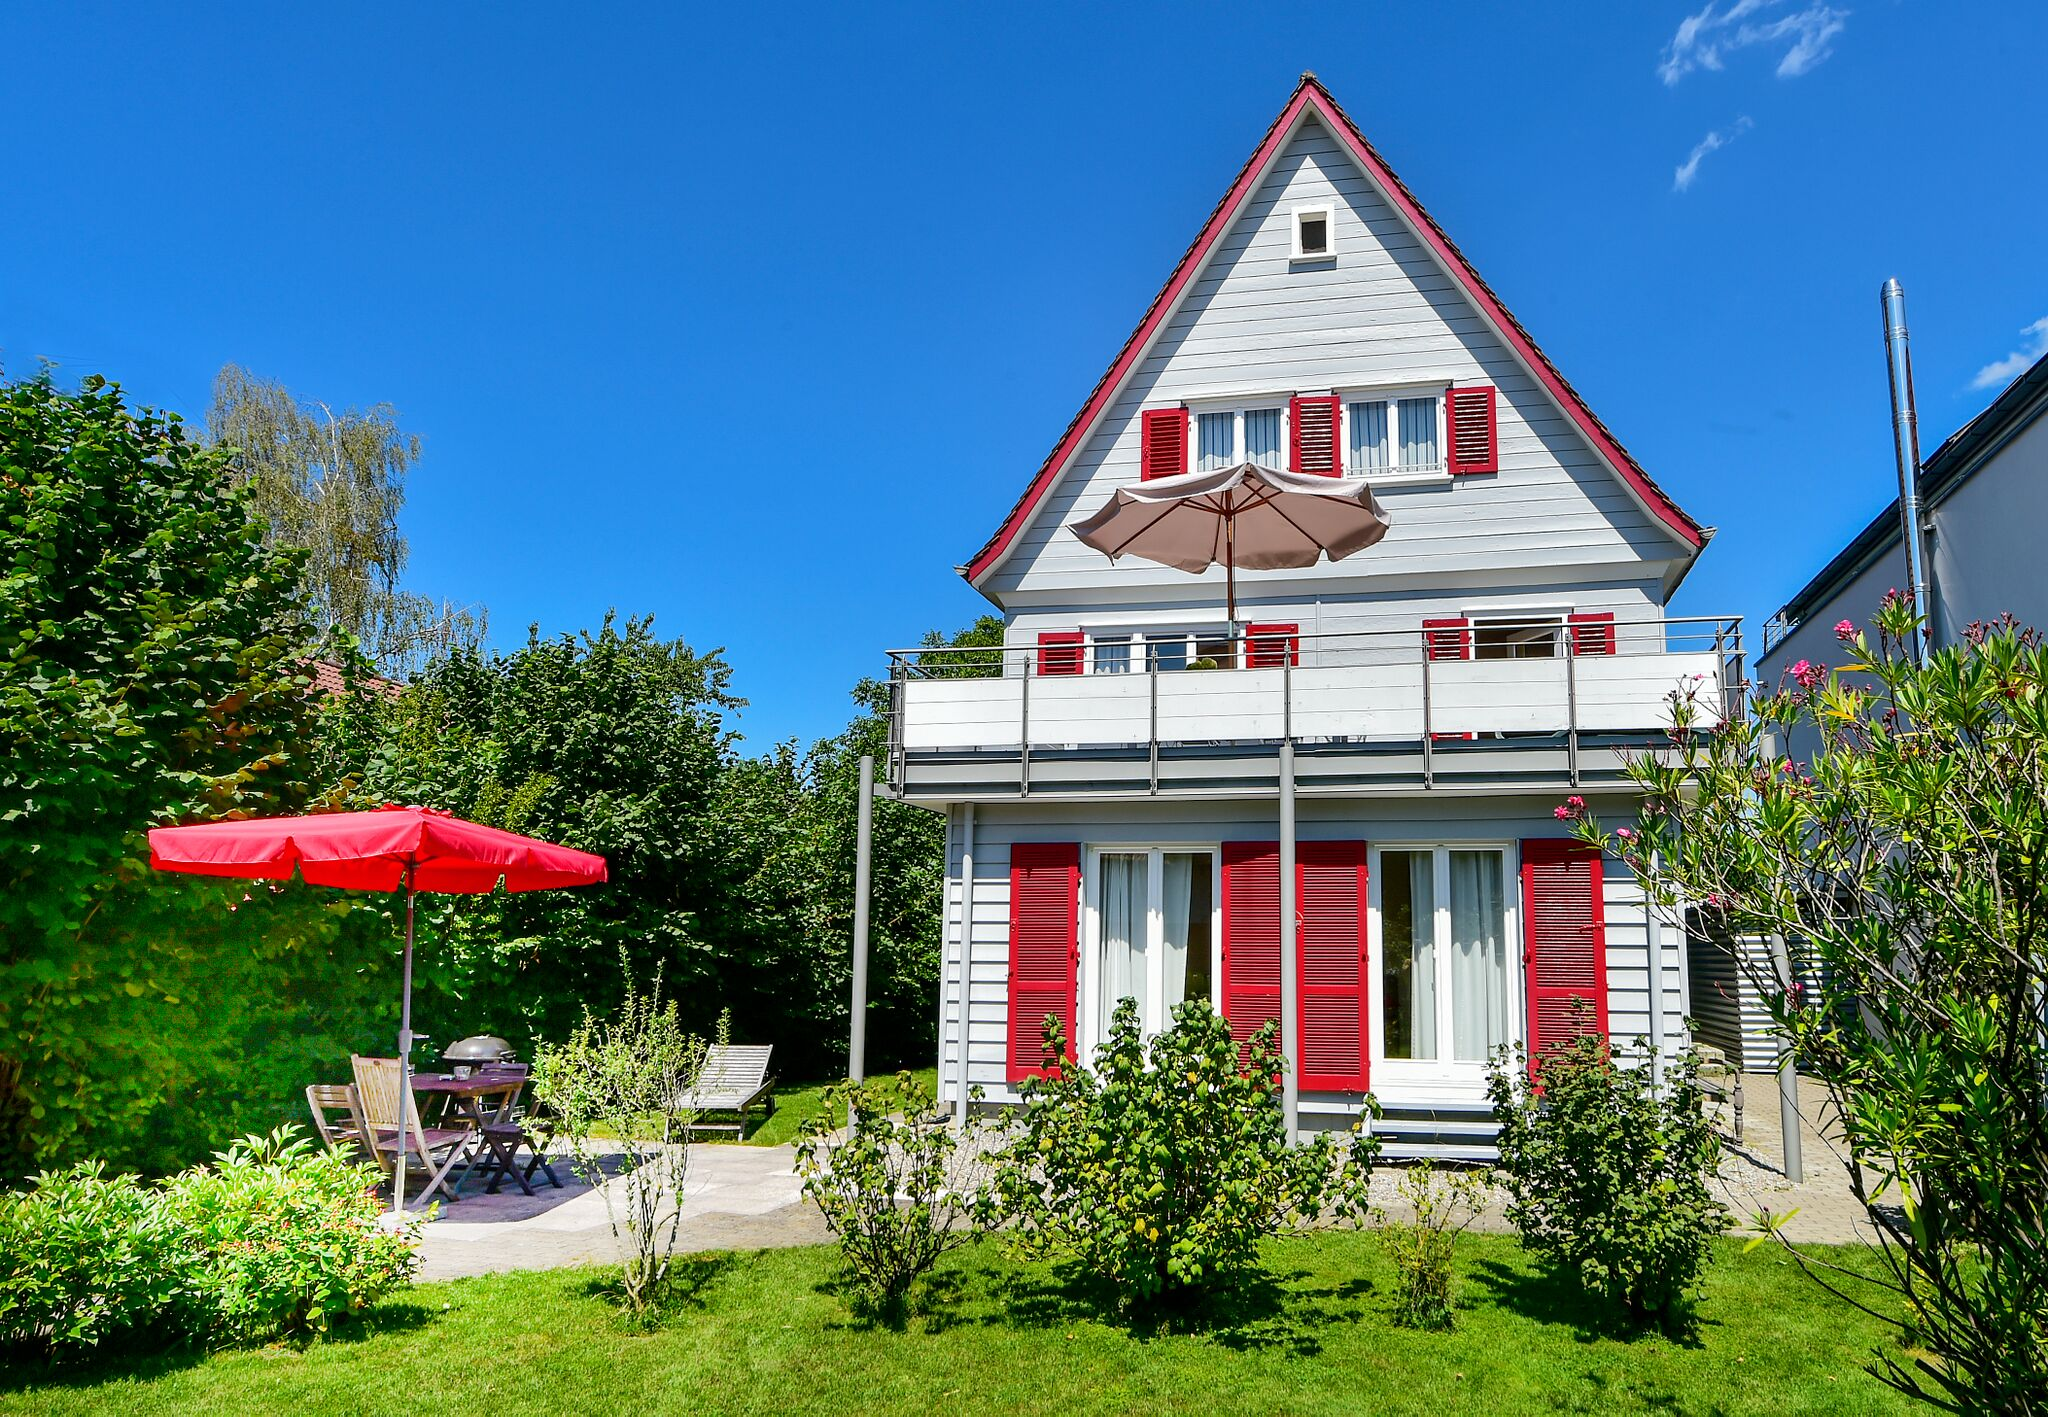 Ferienhaus Villa Kunterbunt, (Lindau am Bodensee). Ferienhaus am Bodensee